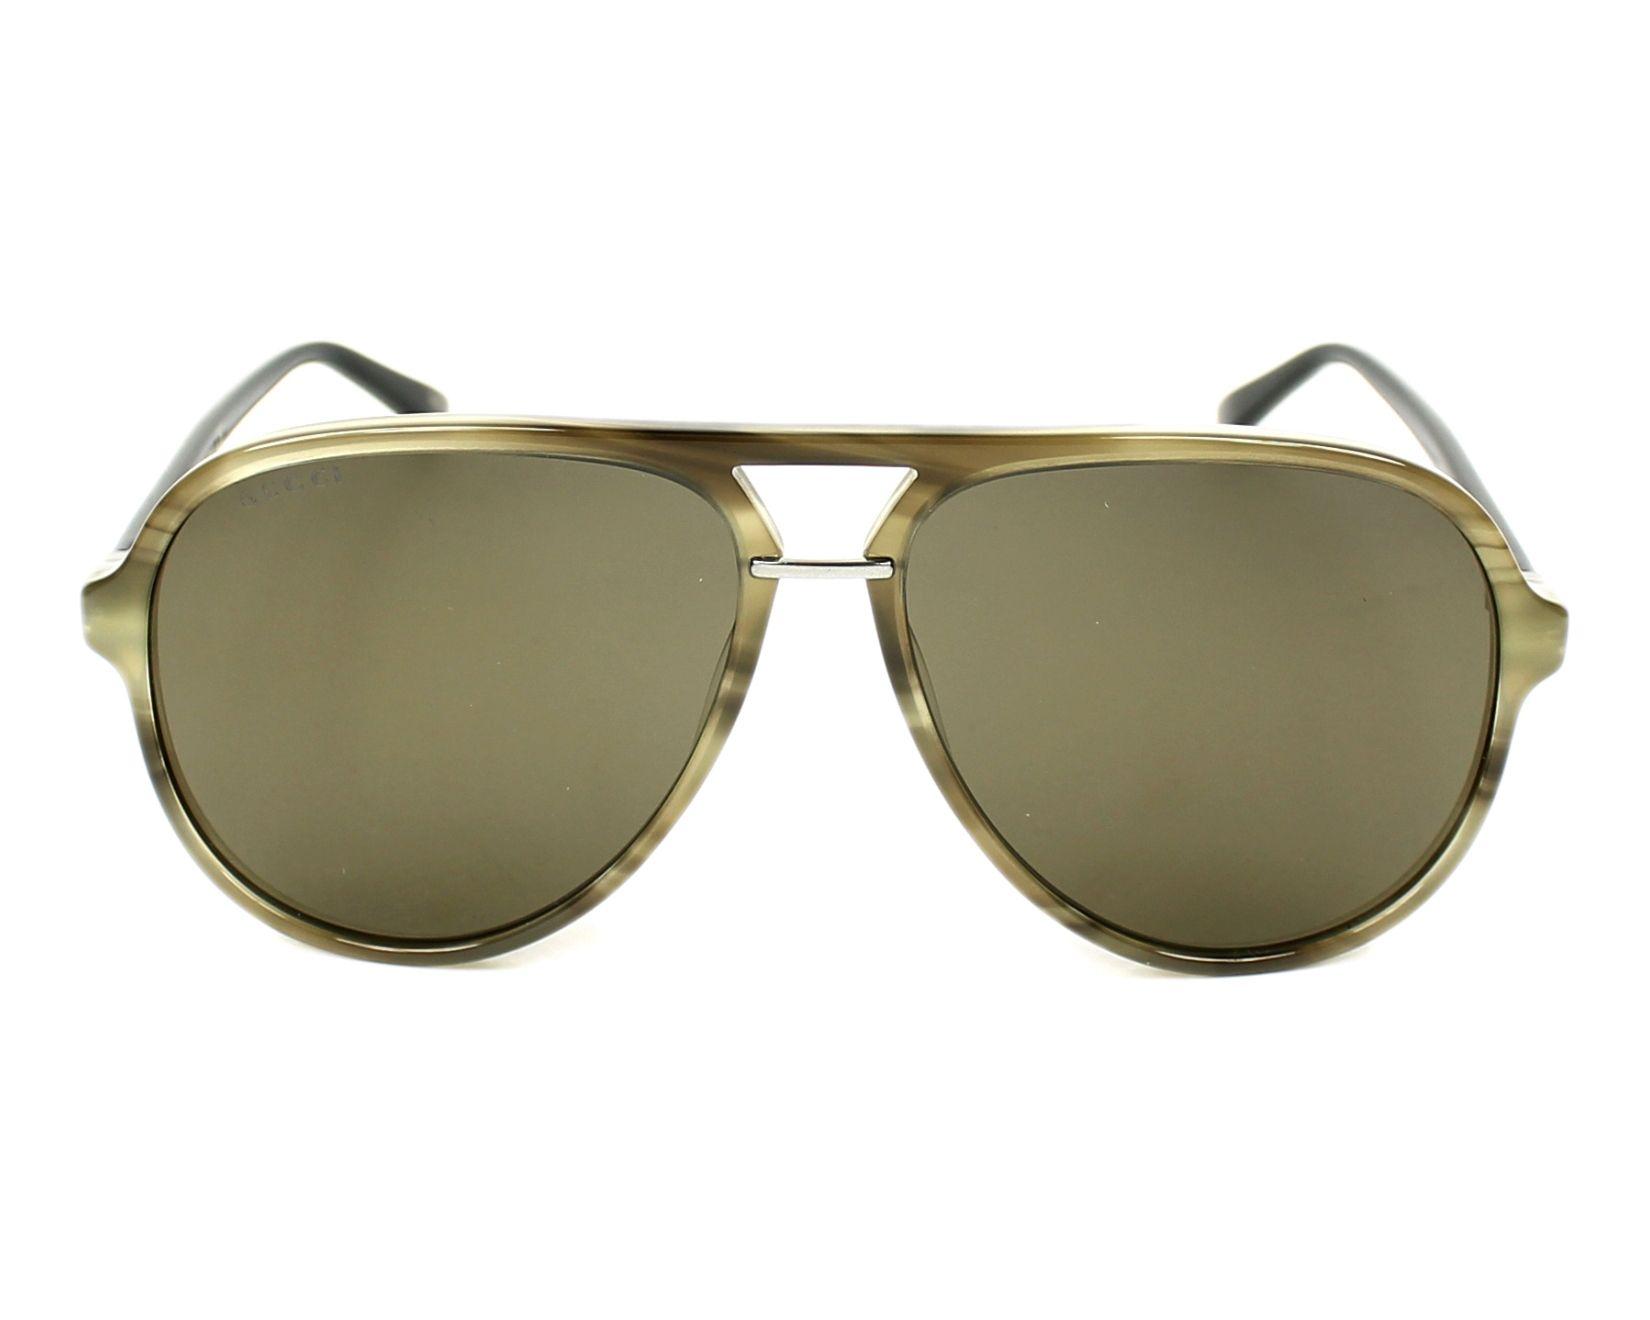 c9c8707b6e50 Gucci Women s Sunglasses Model Gg0062s 004 - Bitterroot Public Library